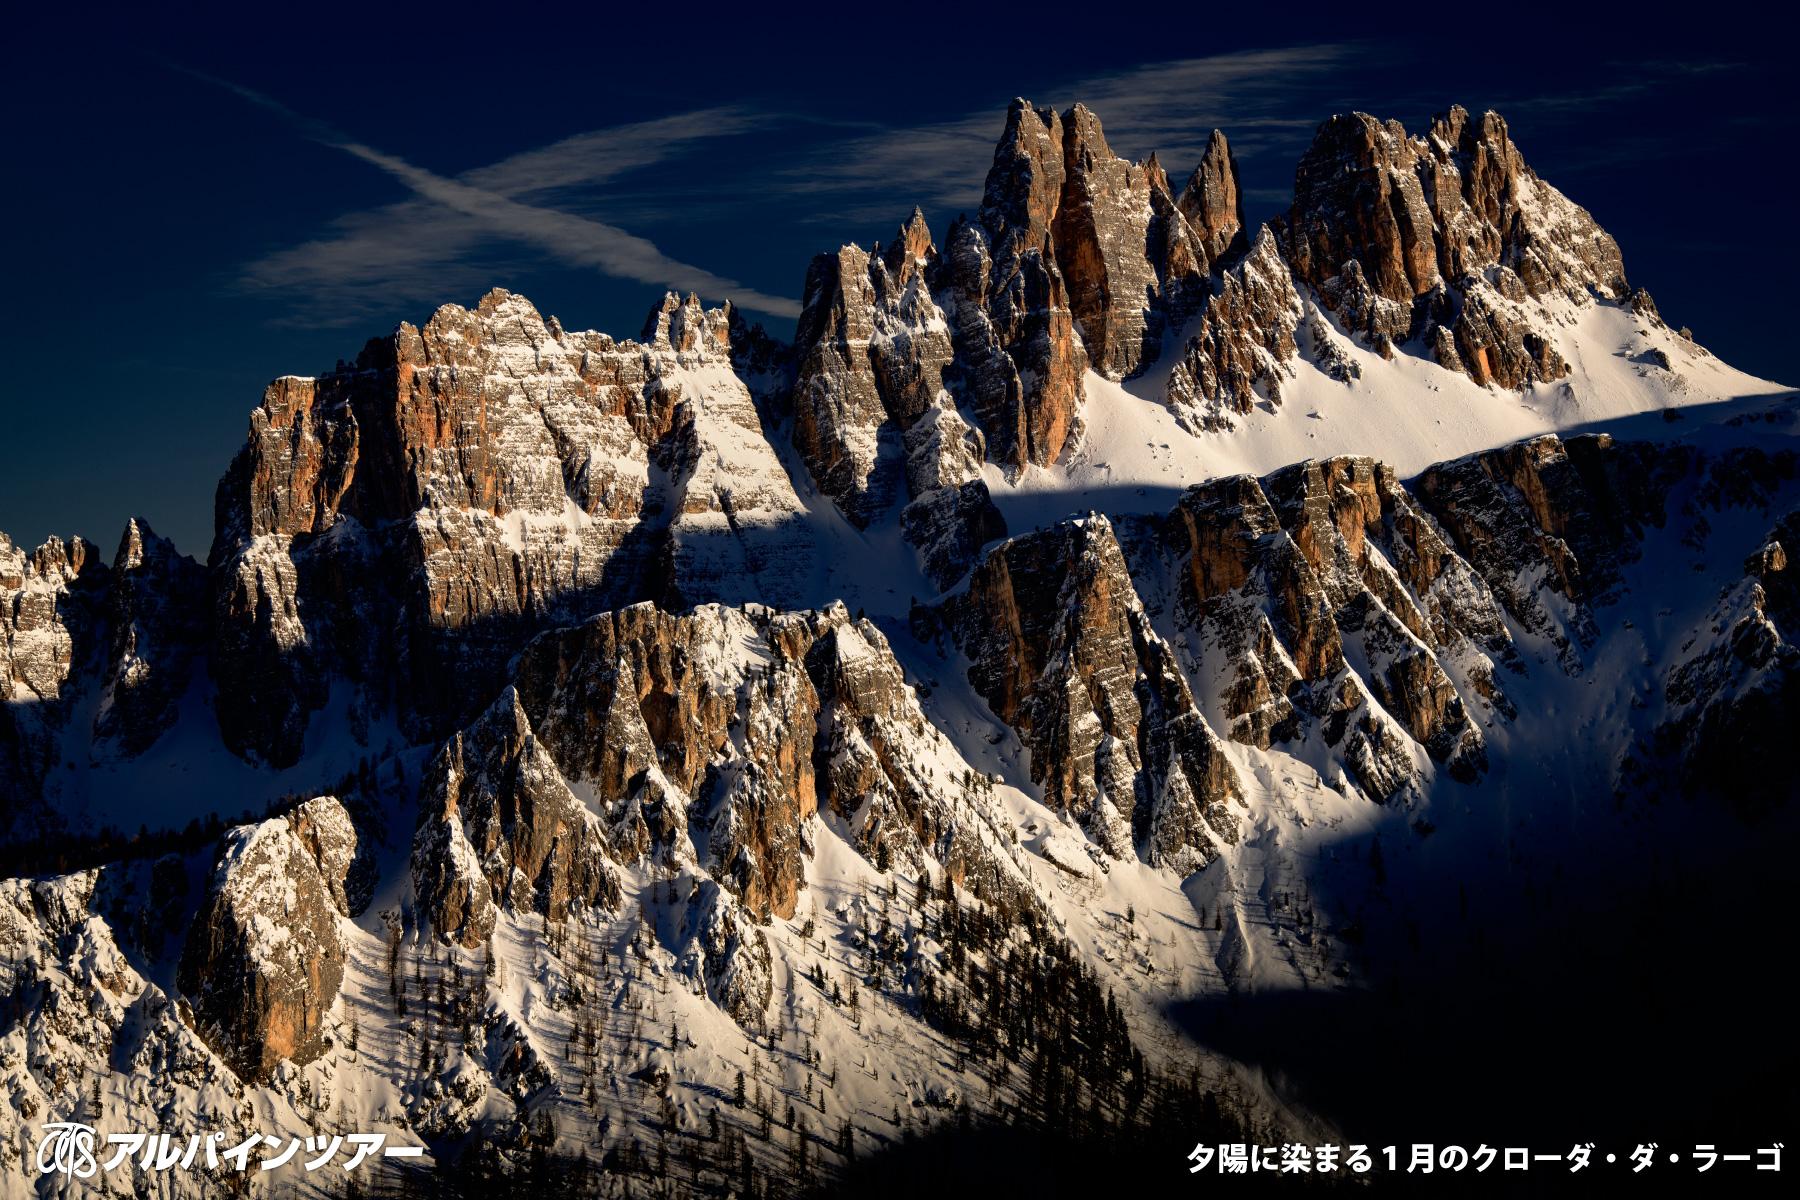 【今日の名峰】 クローダ・ダ・ラーゴ(2,709m)